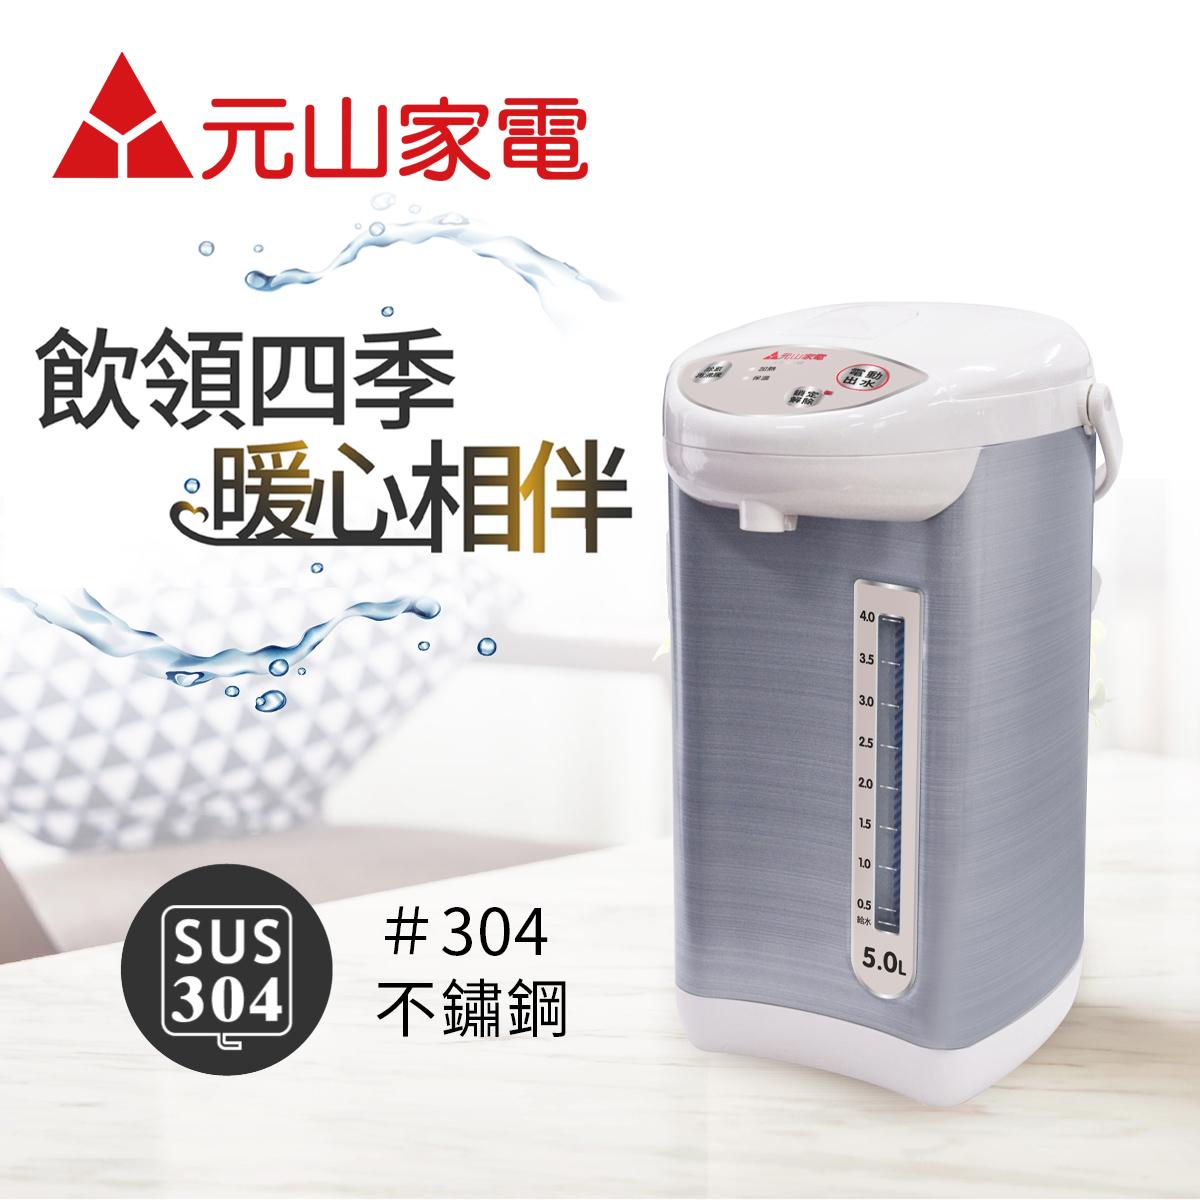 元山5L微電腦熱水瓶